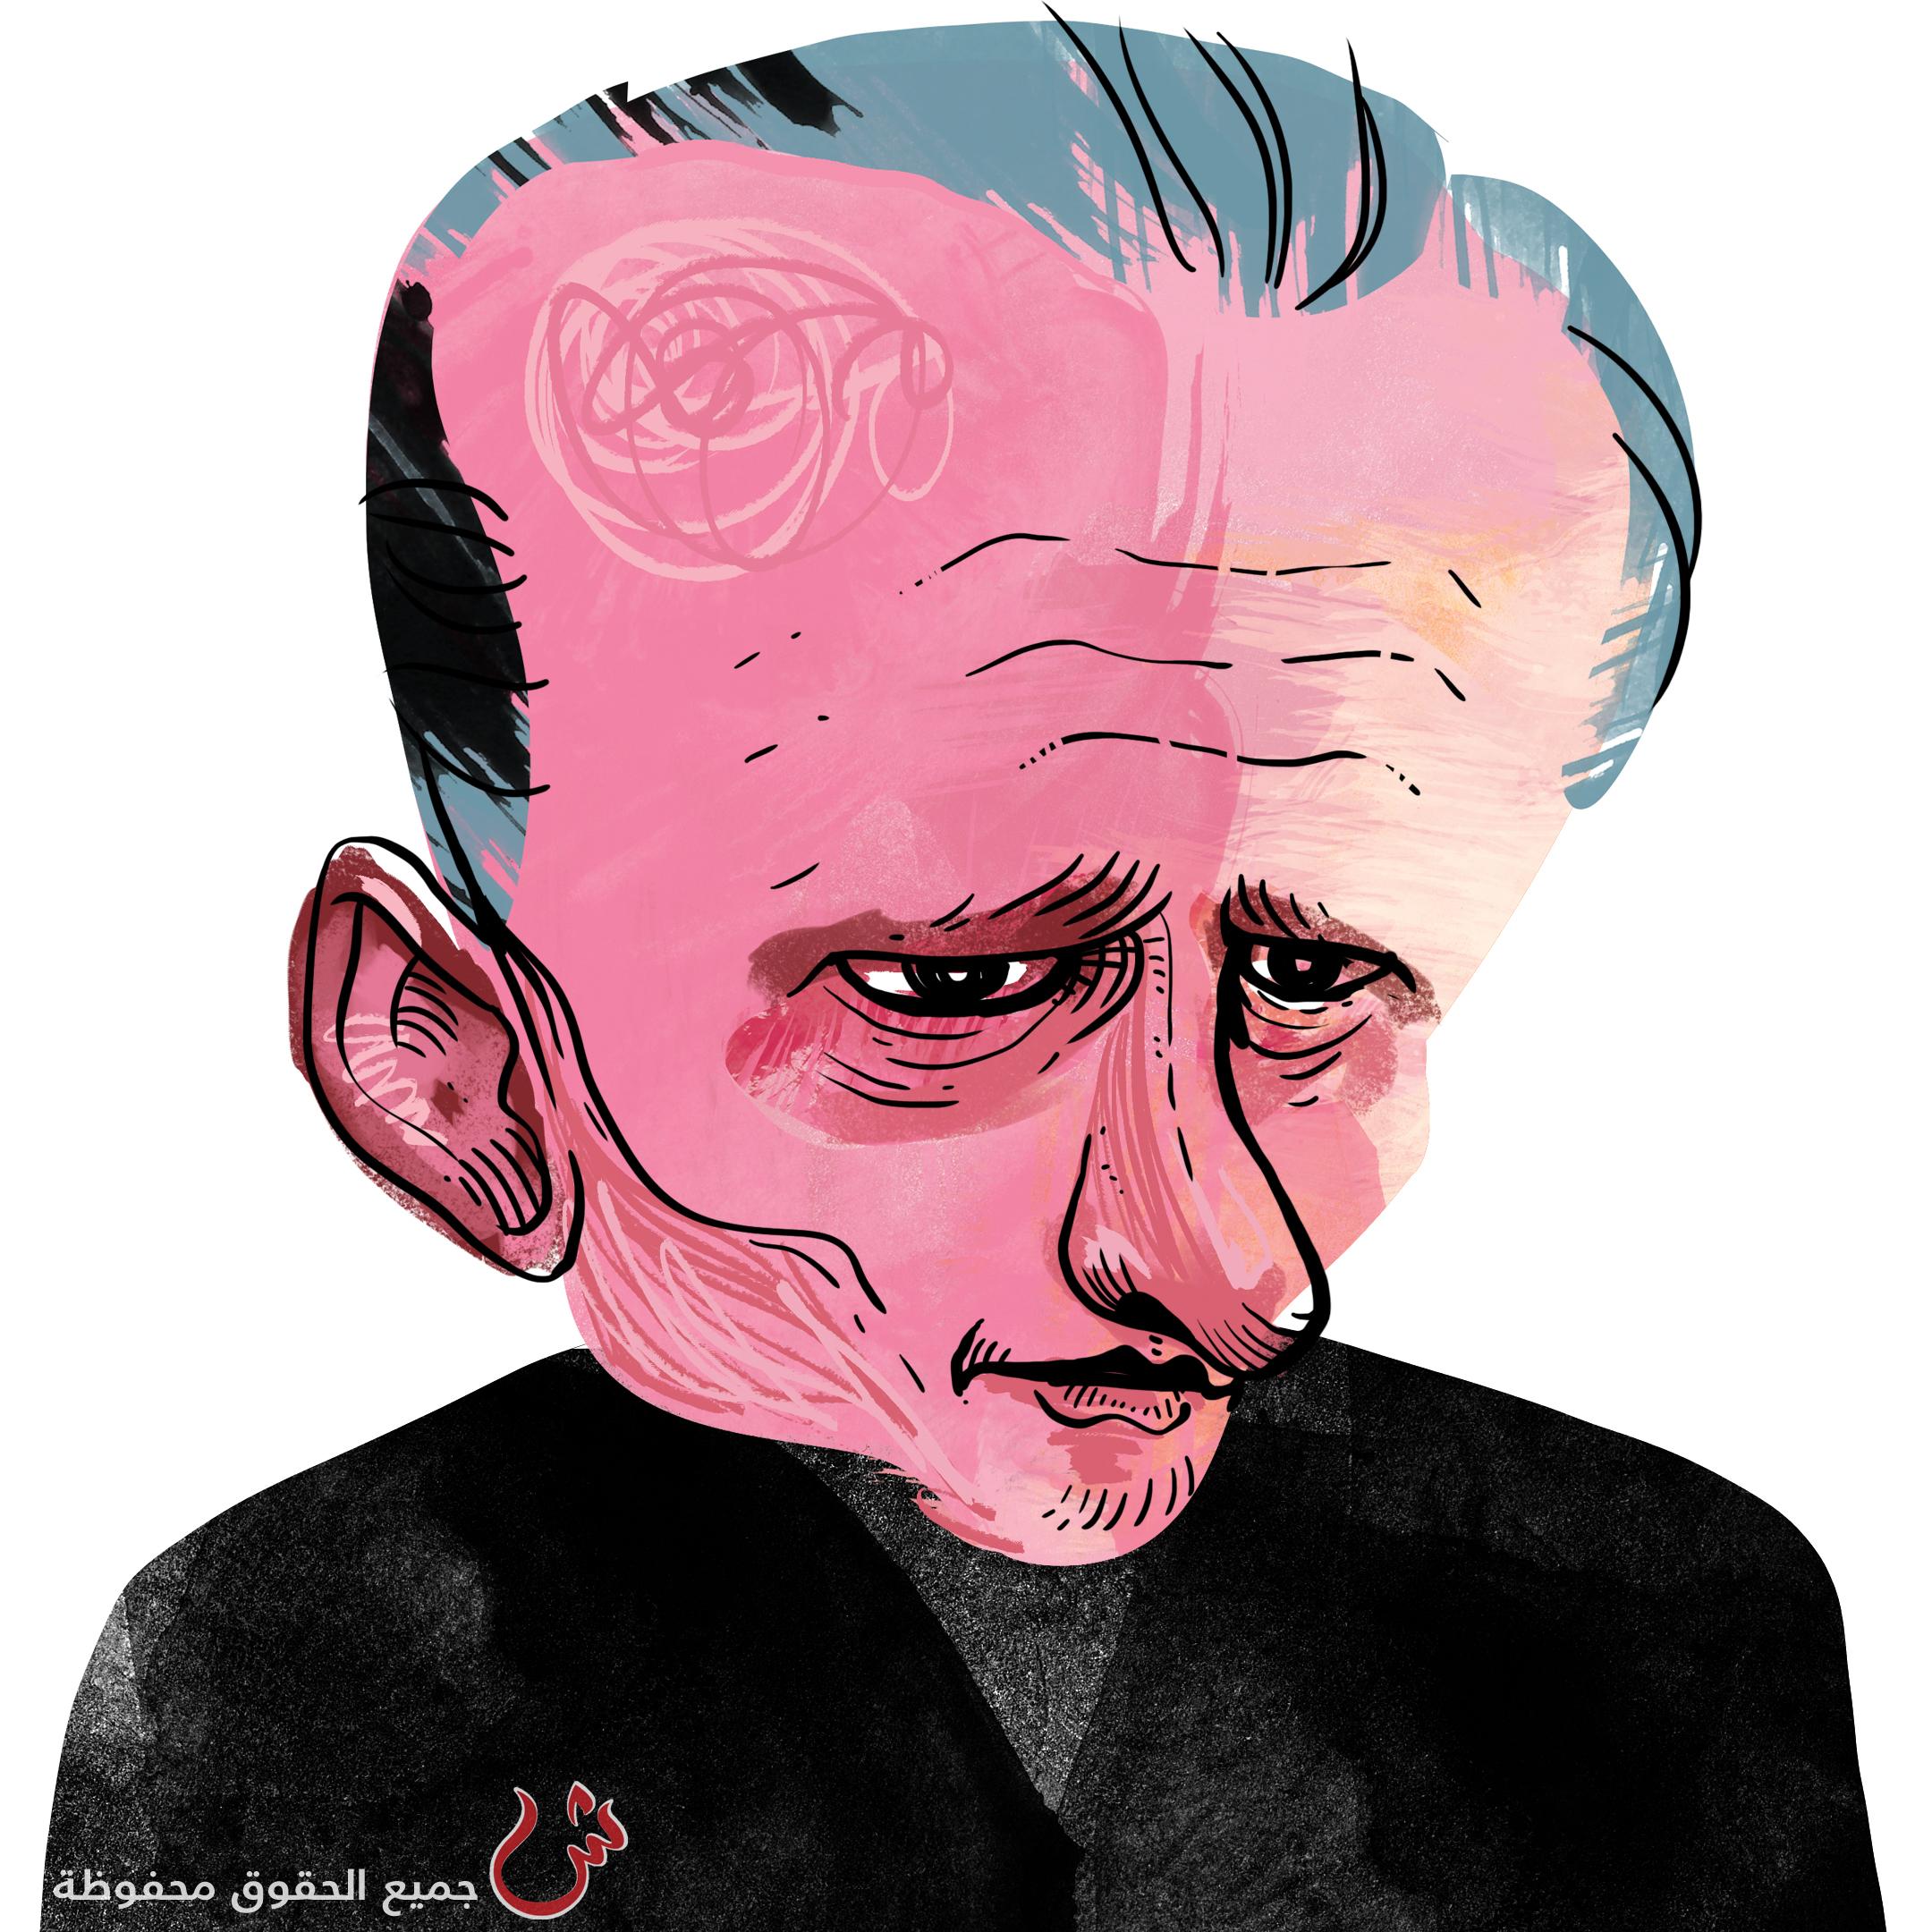 """الشبيبة ترصد اهم سماتهم  الشخصية .. بوتين """" قيصر روسيا """"  .. جرح سقوط الشيوعية الذي لم يندمل اهم مفاتيح شخصيته"""